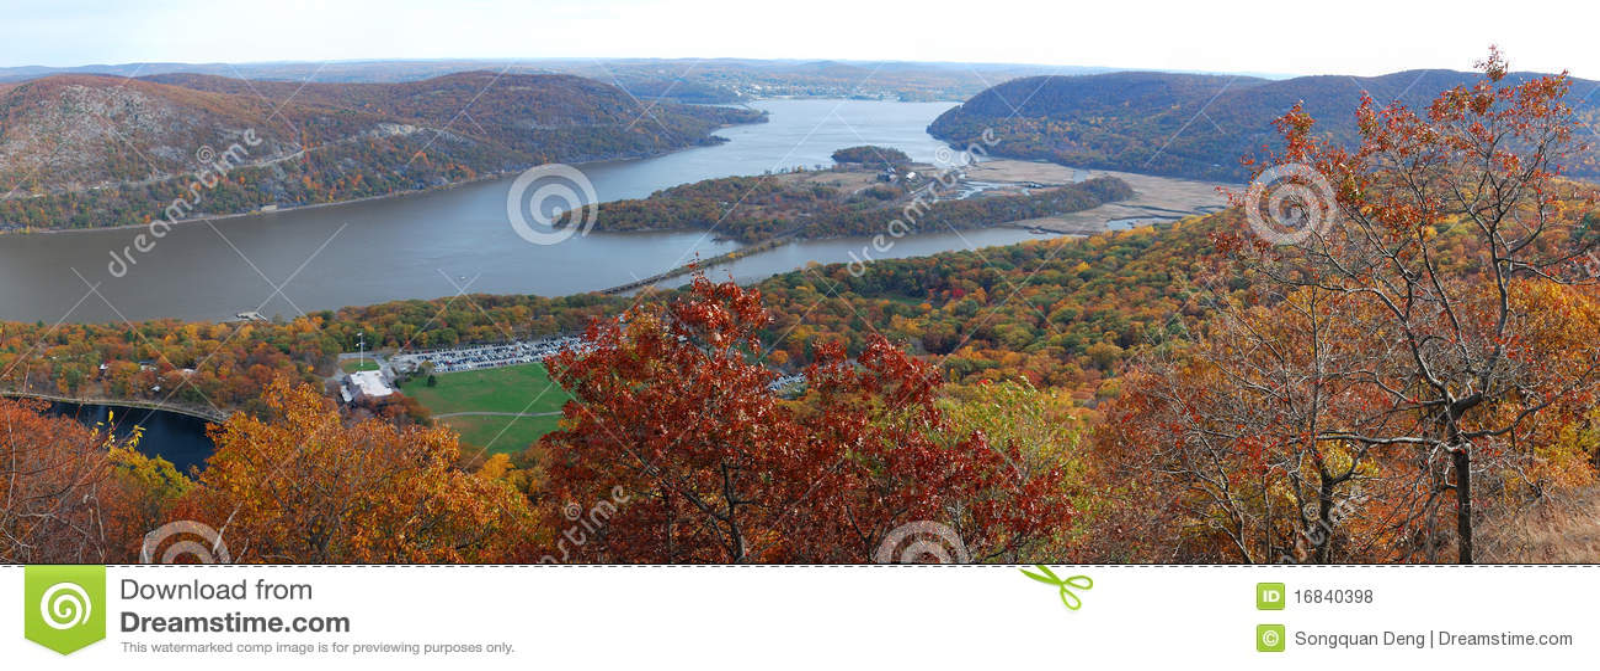 De herfst draagt lucht de meningspanorama van de Berg